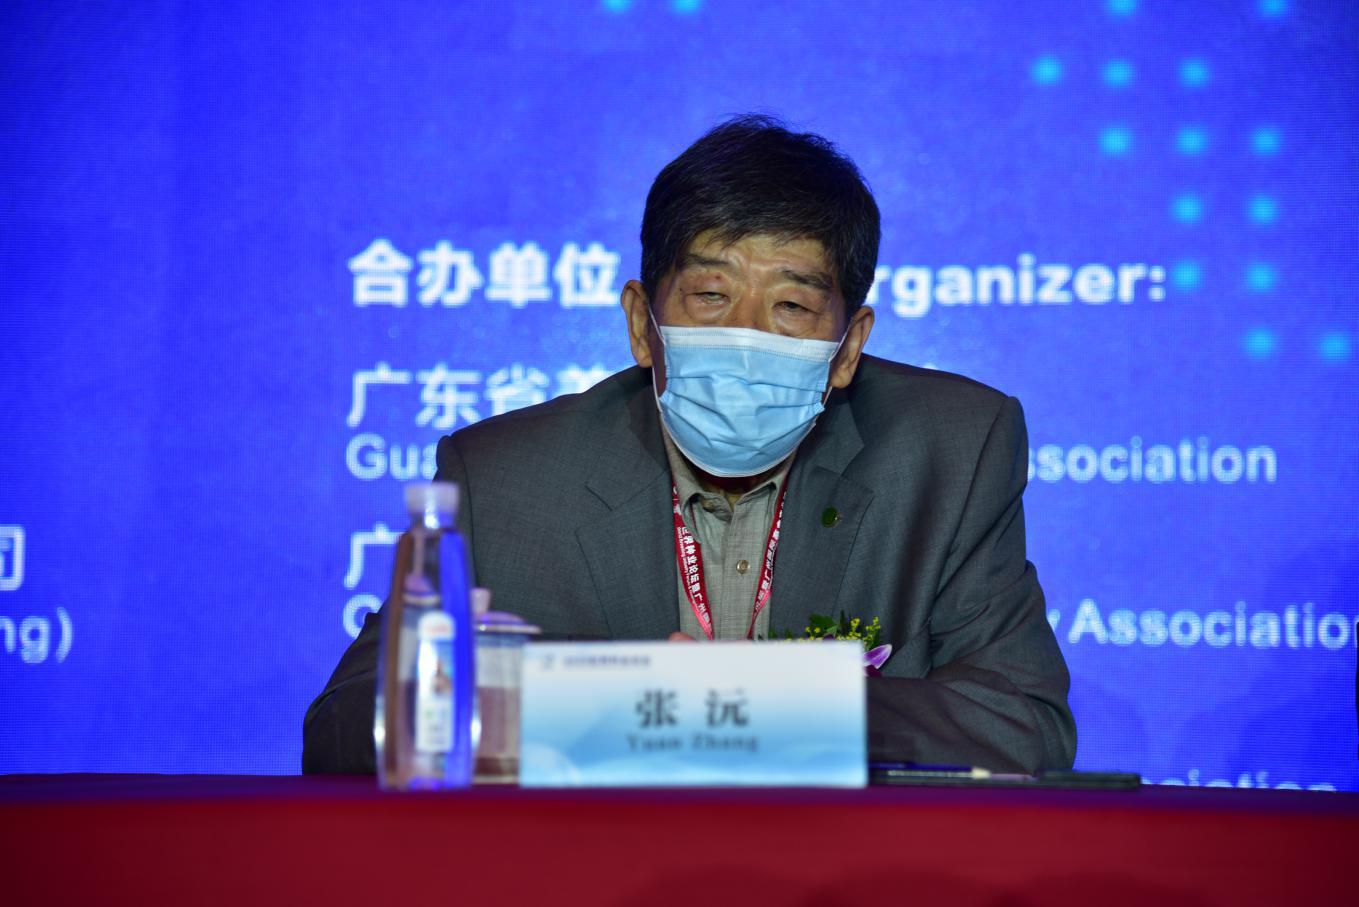 畜禽良种产业技术创新战略联盟理事长、中国农业大学张沅教授